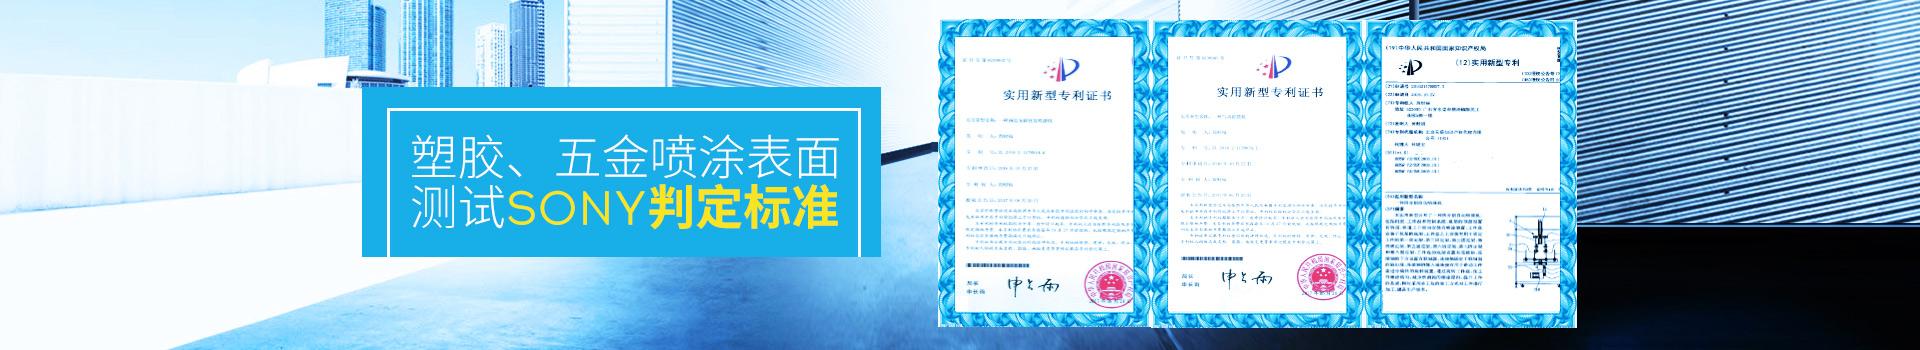 鹏鲲-塑胶、五金喷涂表面测试SONY判定标准